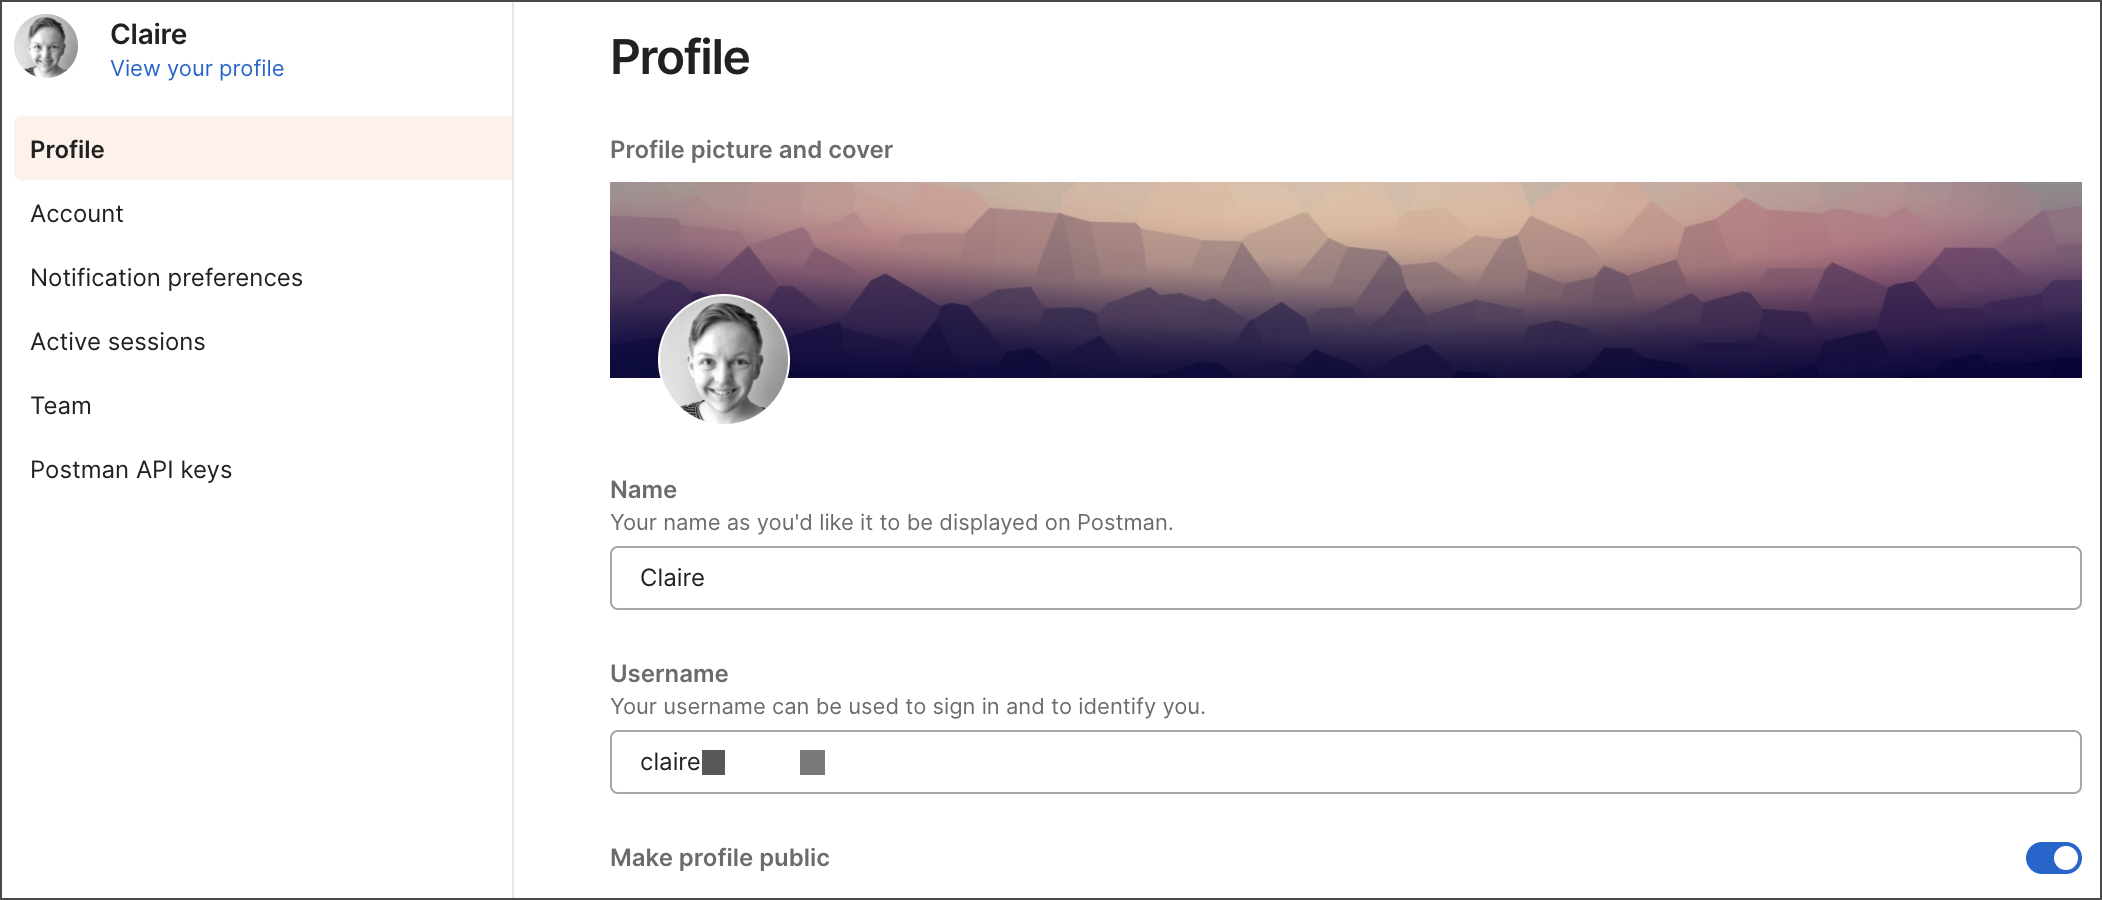 Make profile public